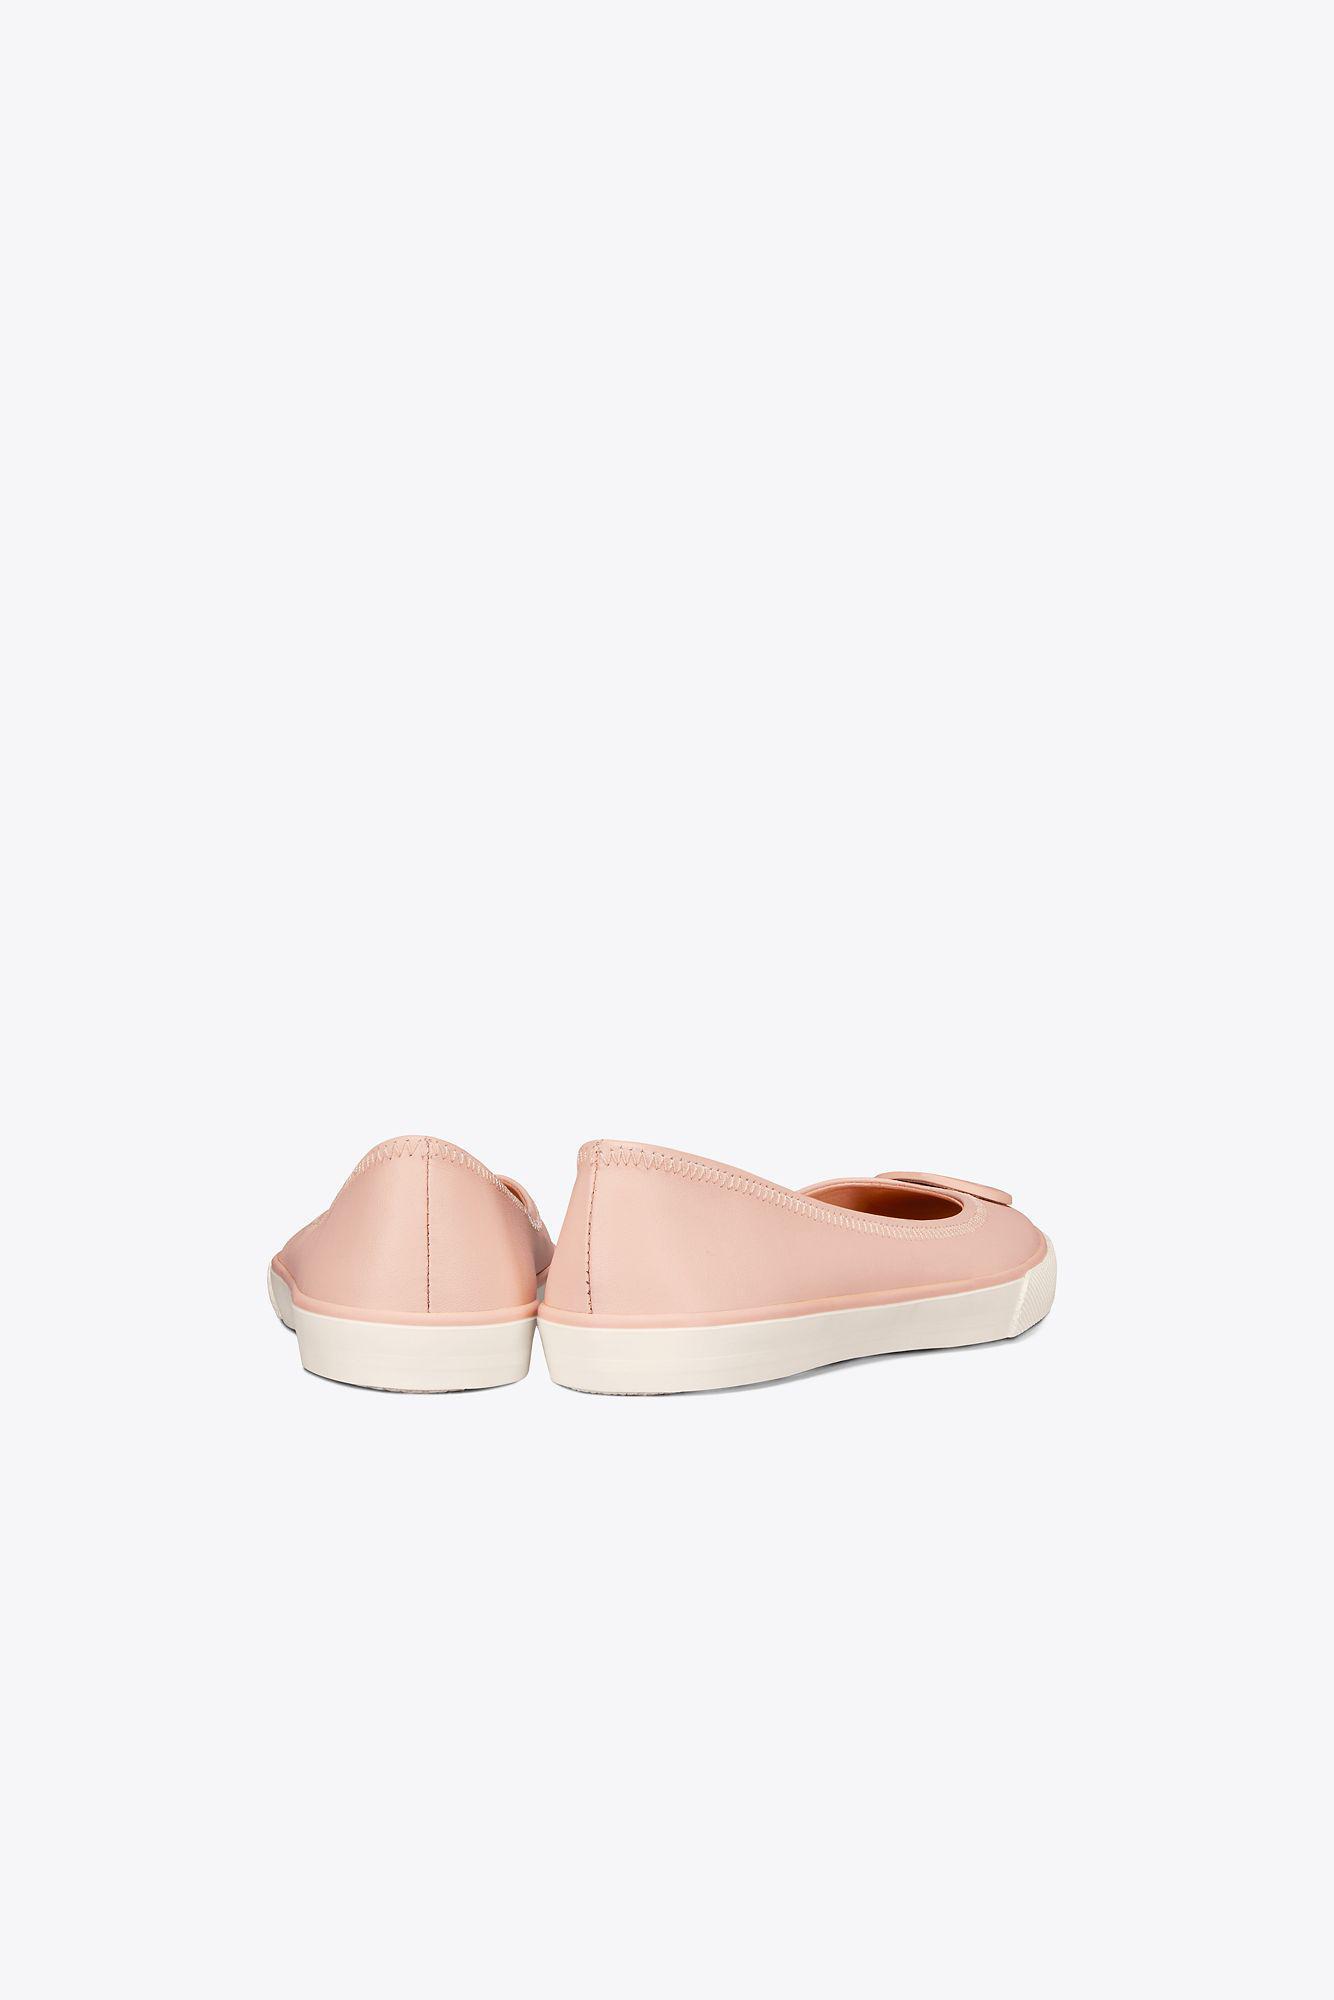 7bf327aa3df8 Lyst - Tory Burch Skylar Ballet Sneaker